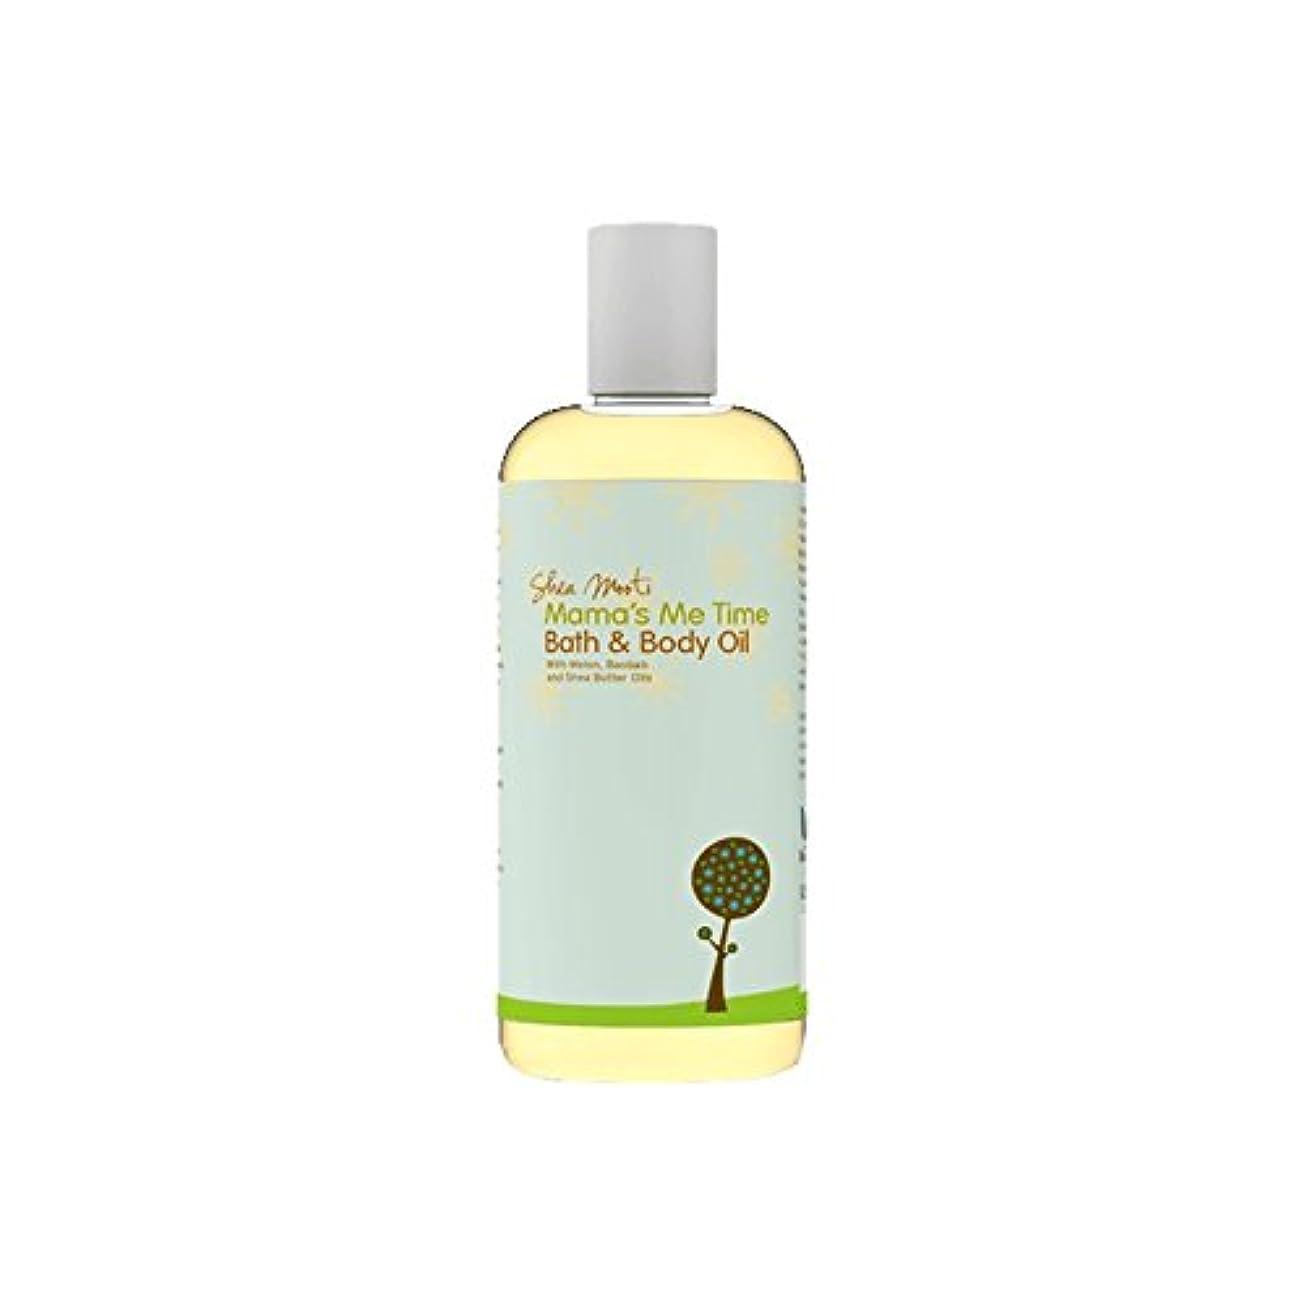 求人ぼんやりした暴露Shea Mooti Mama's Me Time Bath and Body Oil 110g (Pack of 2) - シアバターMootiママの私の時間のバス、ボディオイル110グラム (x2) [並行輸入品]